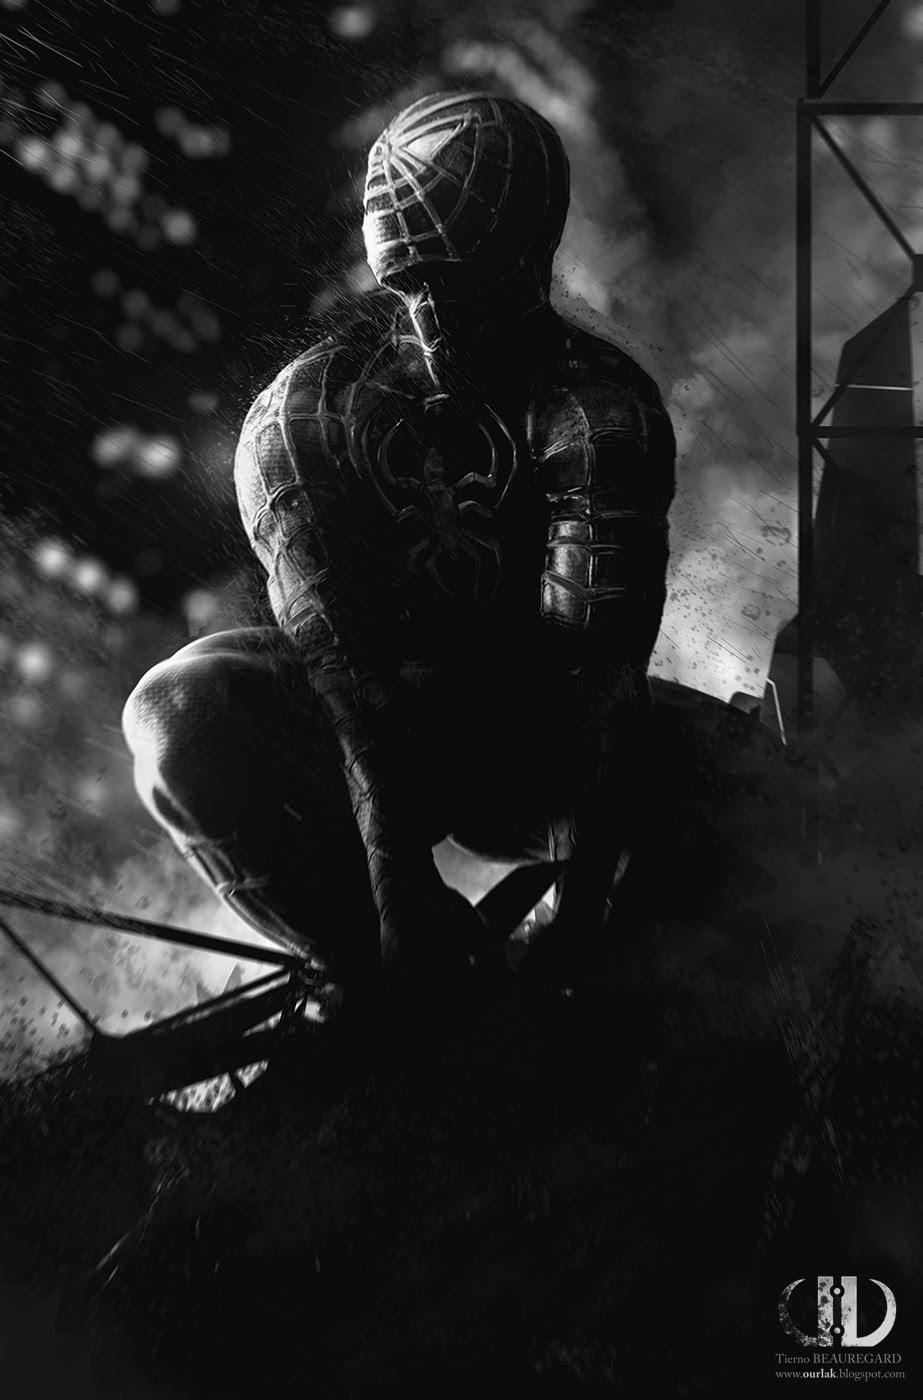 Spider-man by Tierno Beauregard